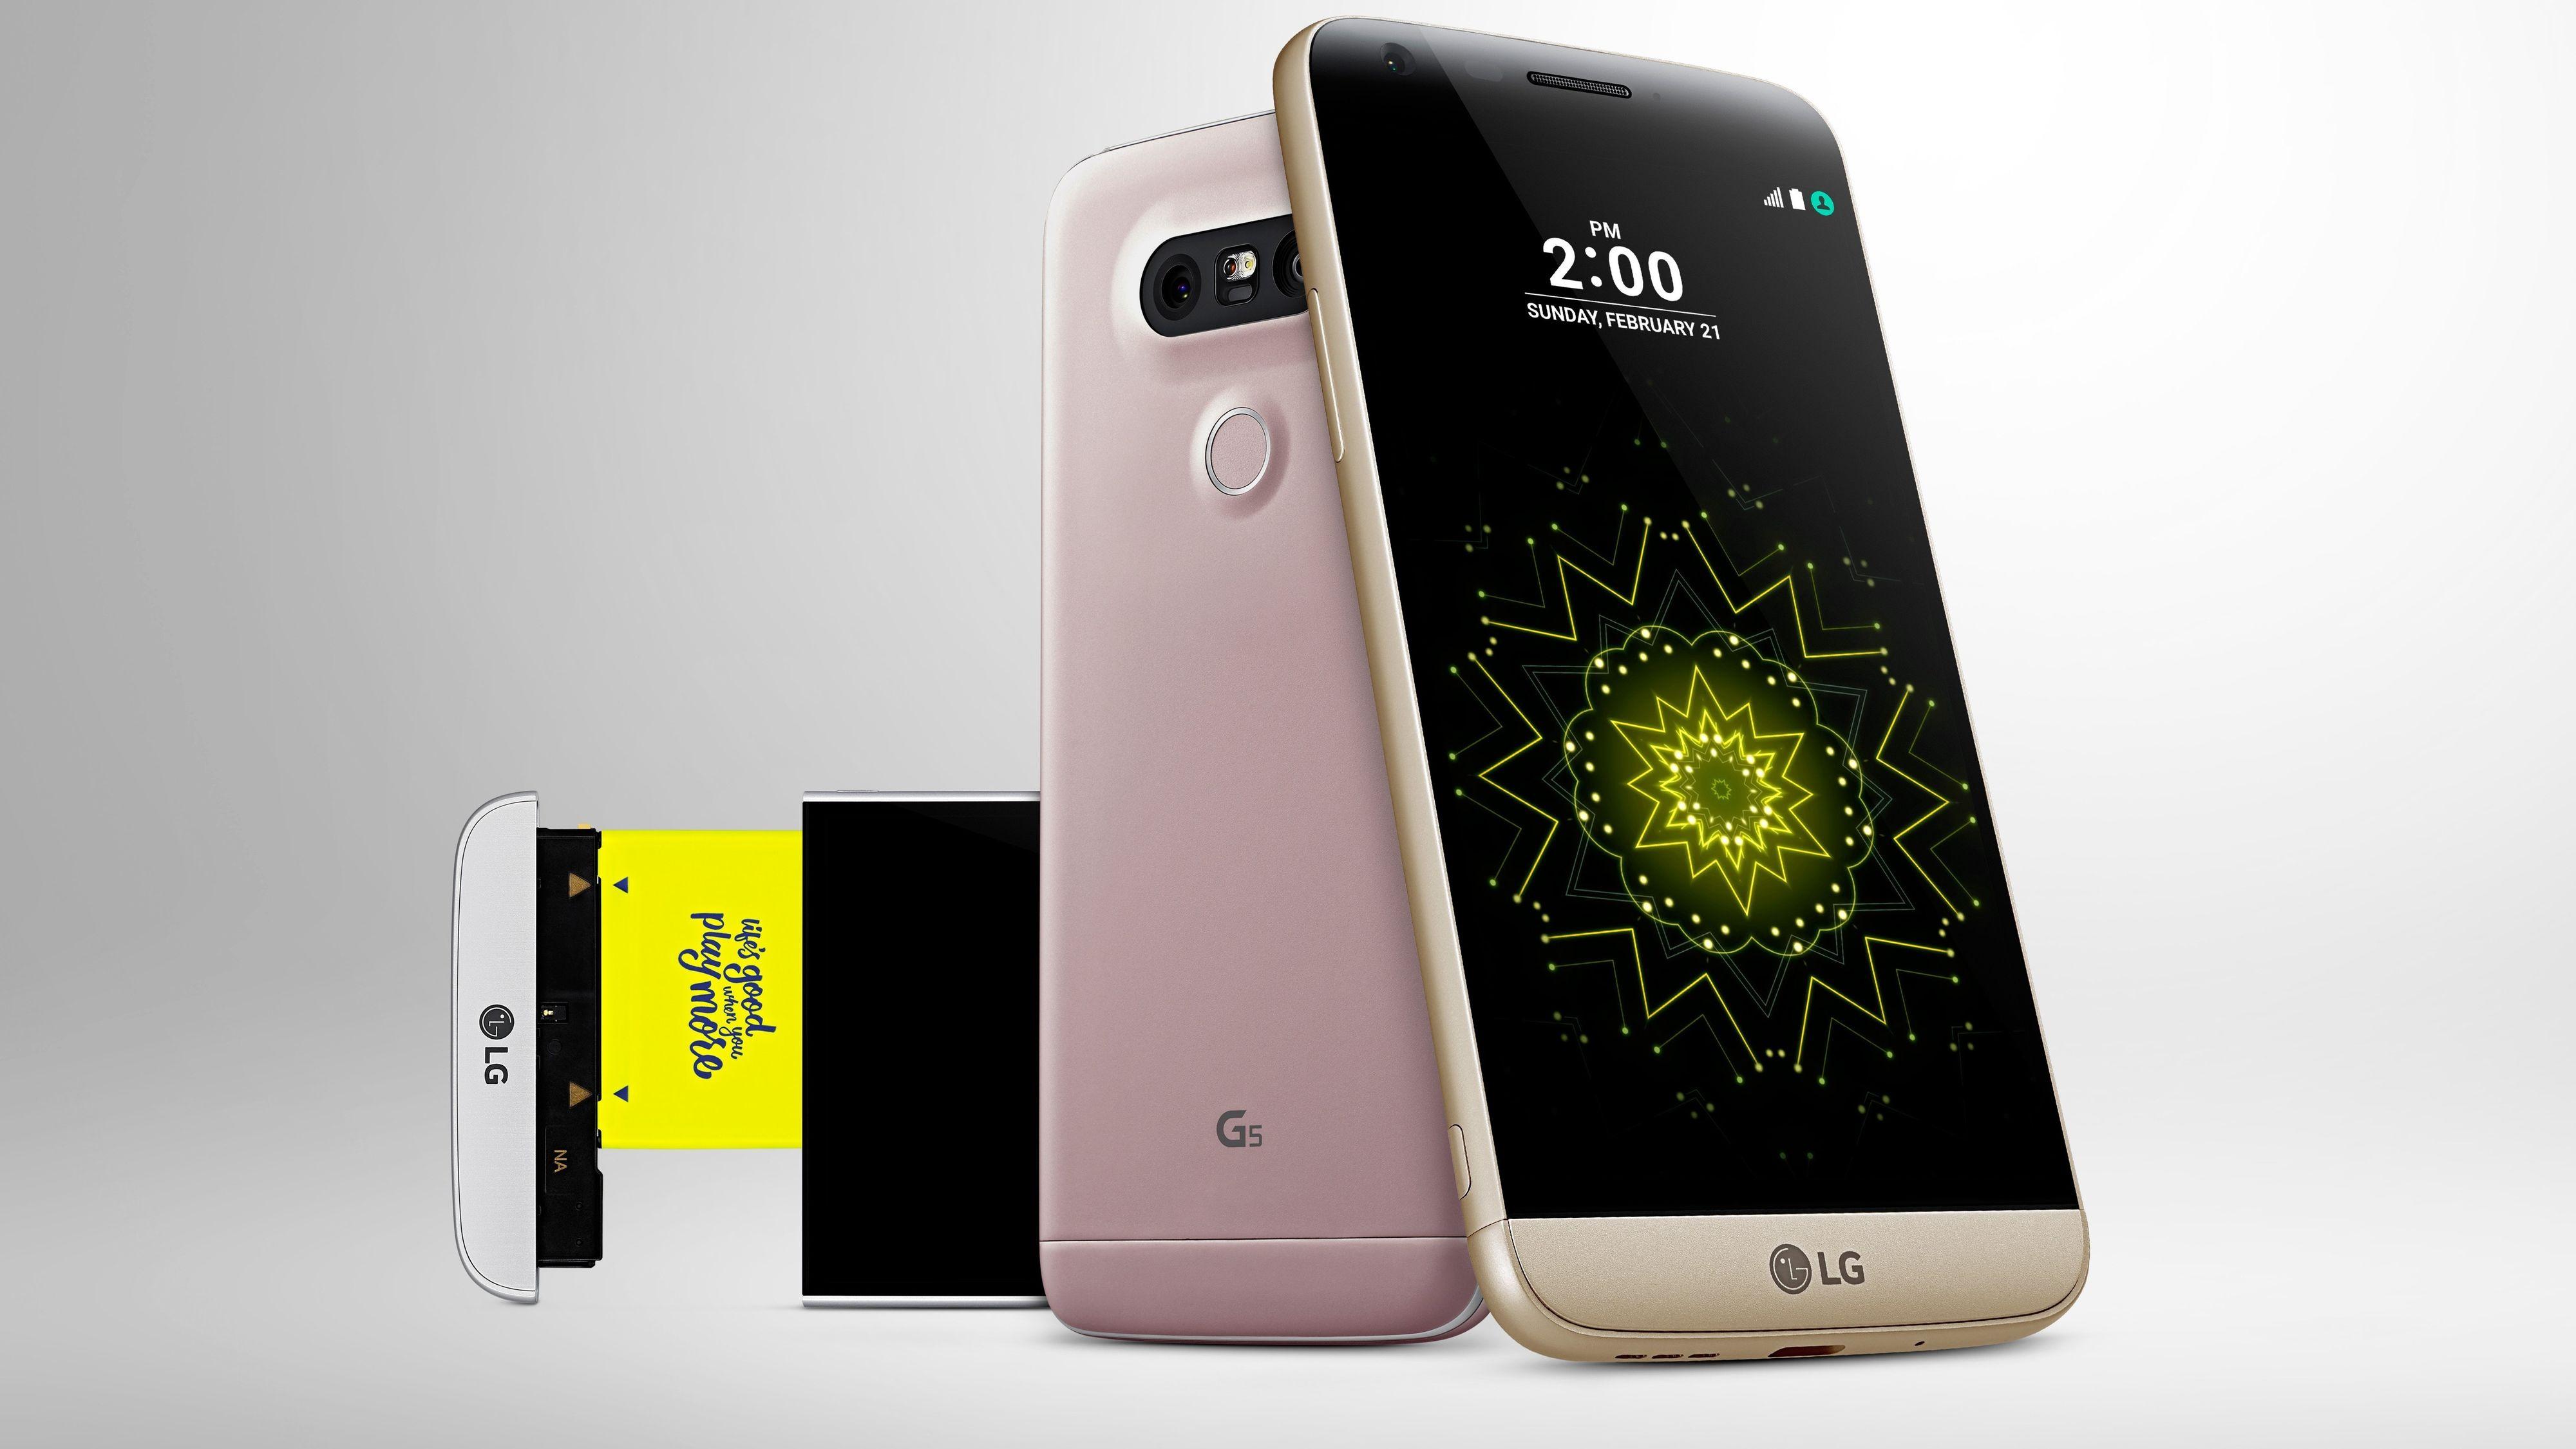 Dette er LG G5 – kanskje den eneste toppmodellen med utskiftbart batteri